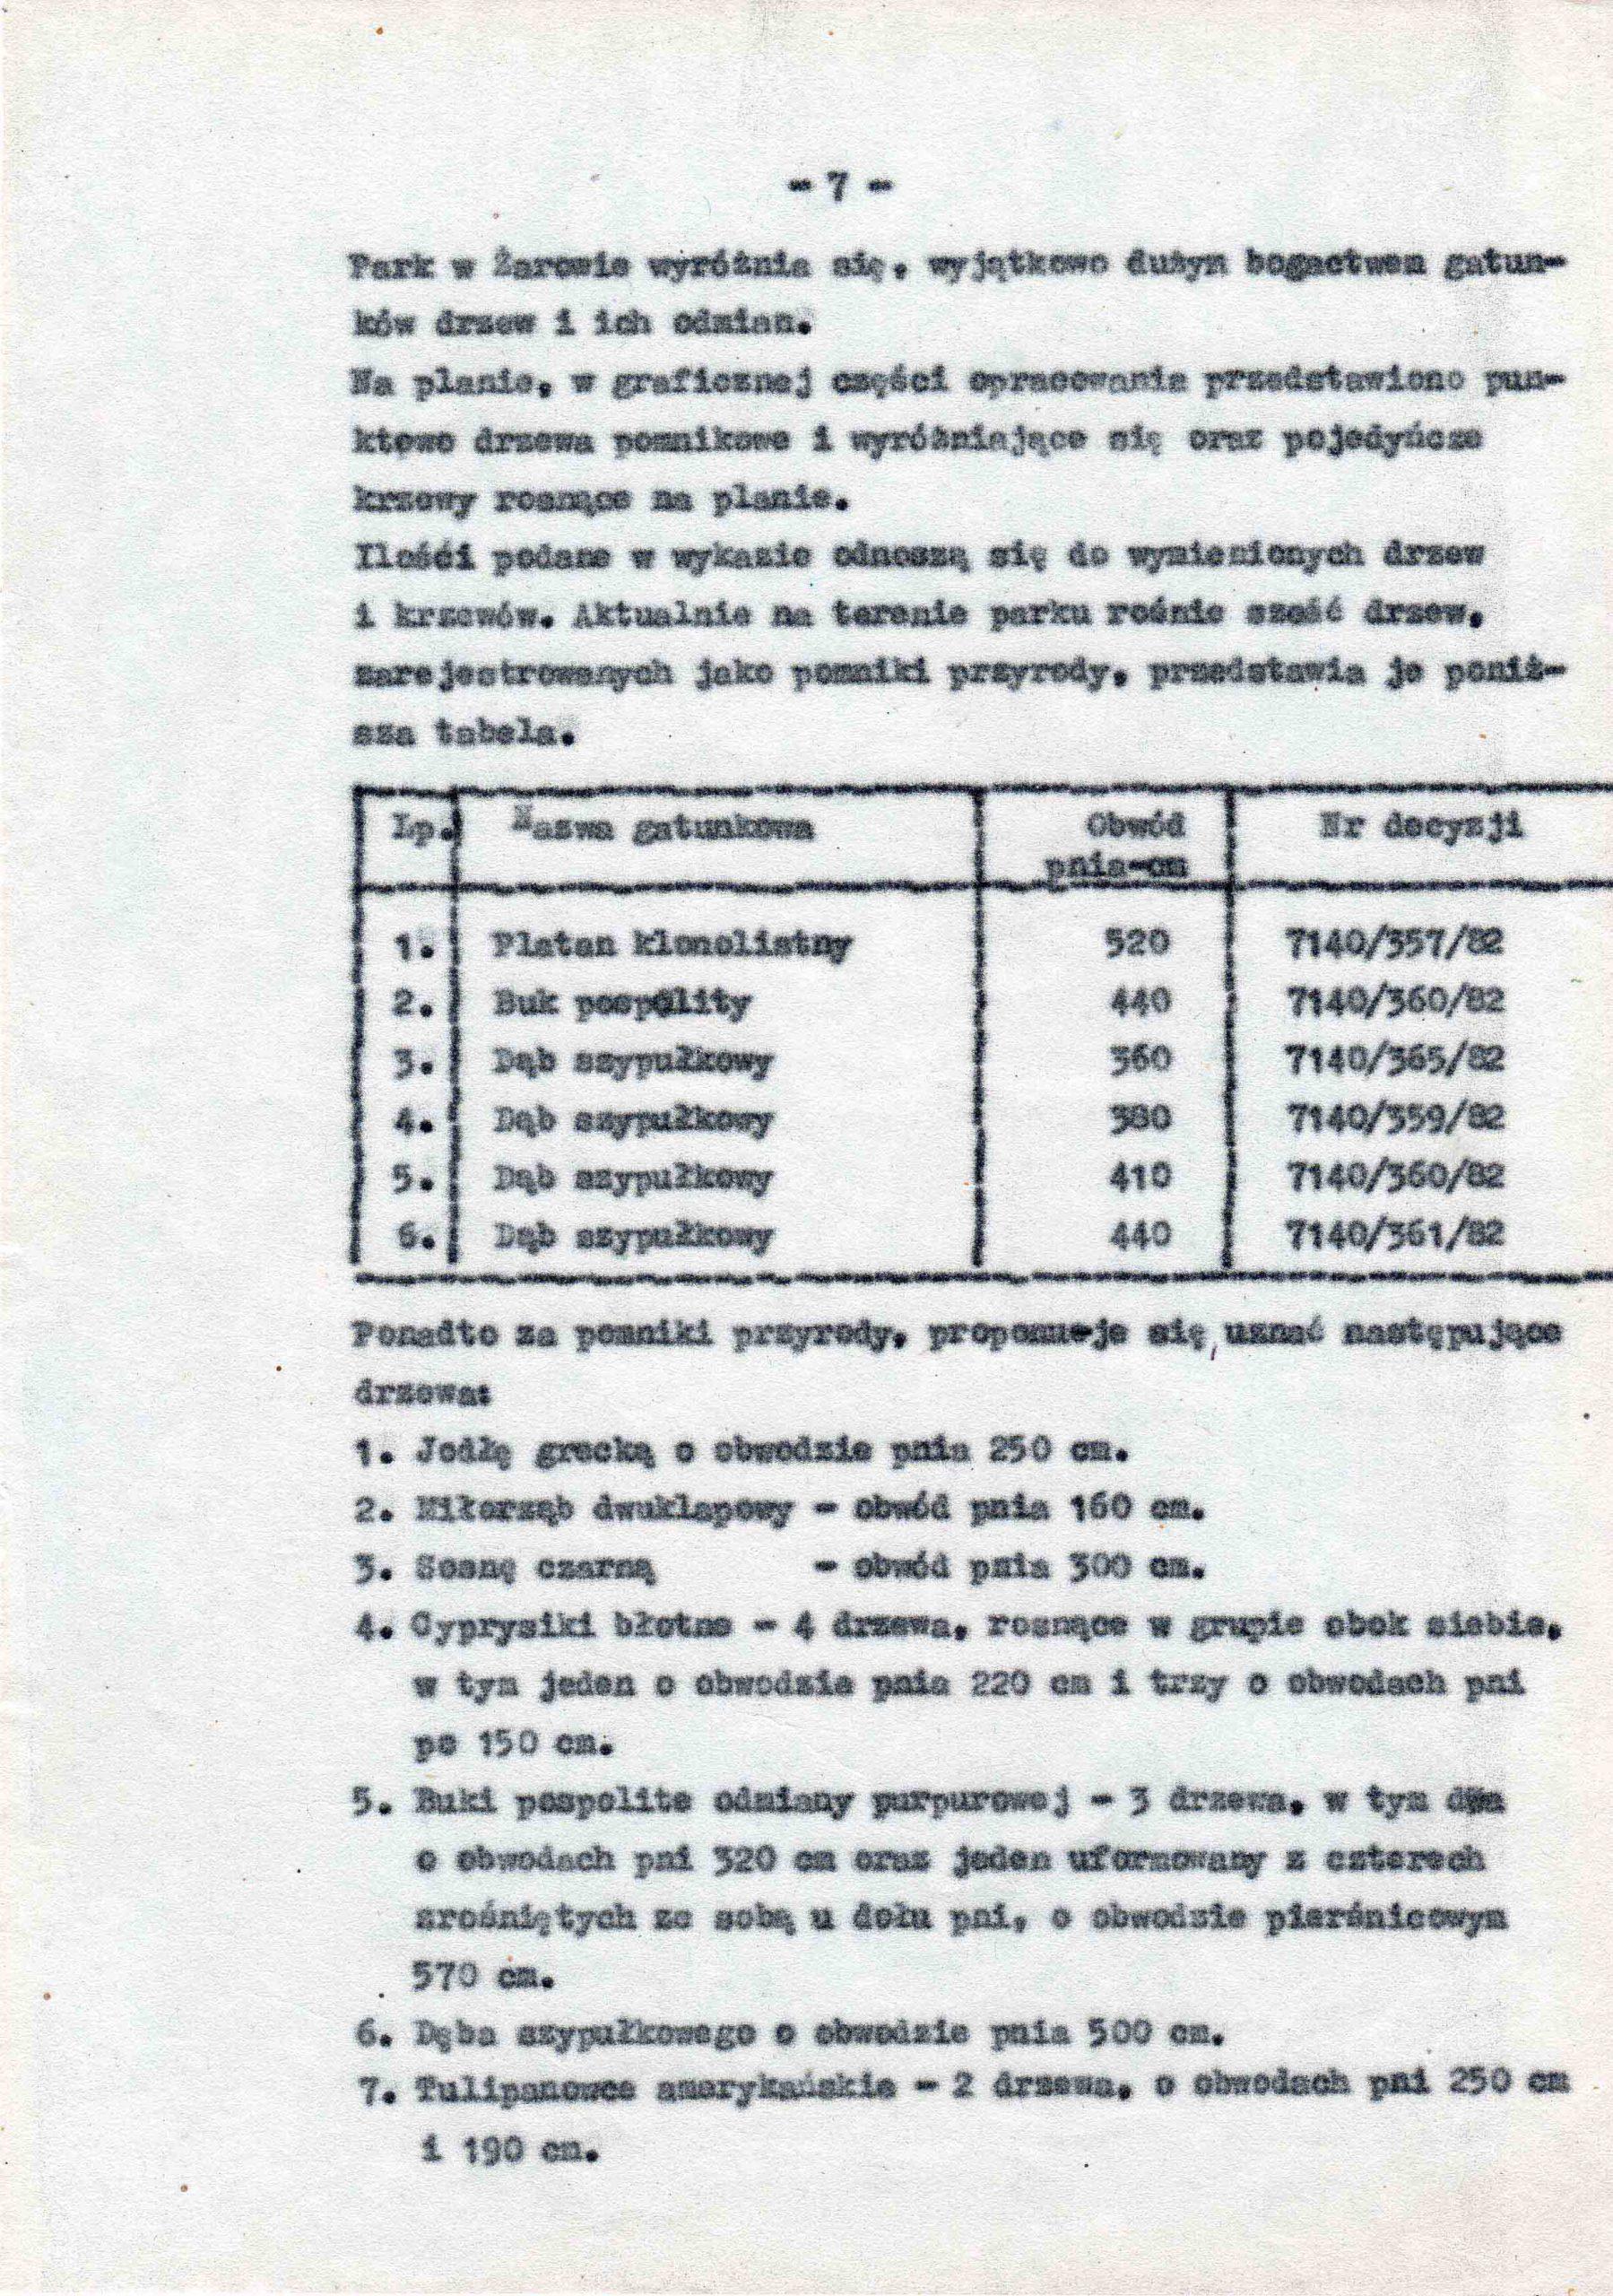 Ewidencja założenia ogrodowo-parkowego 1987 dokument (11)